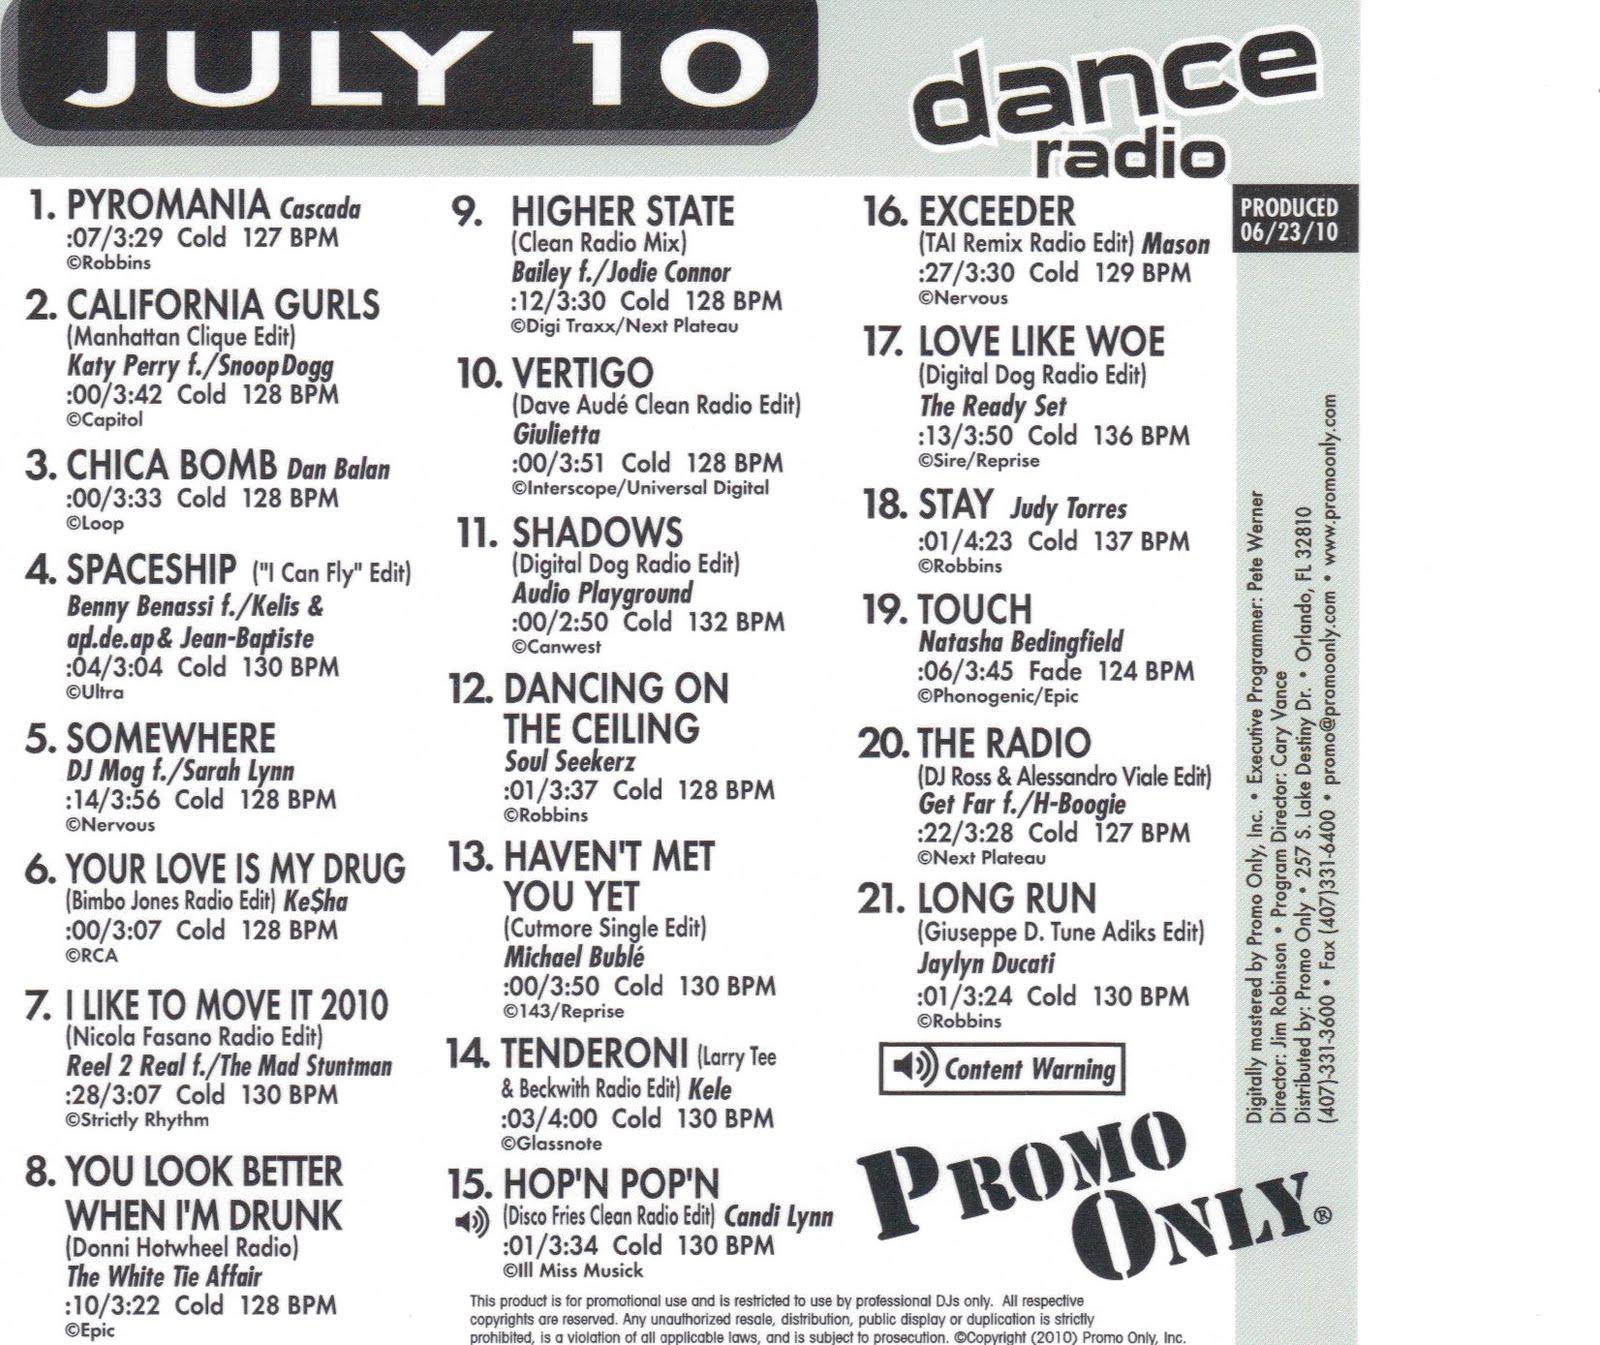 http://2.bp.blogspot.com/_5xJfACkLrok/TEUEFBp2eyI/AAAAAAAAAXM/qiMe0nwly-U/s1600/00-va-promo_only_dance_radio_july_scan_back-2010.jpg